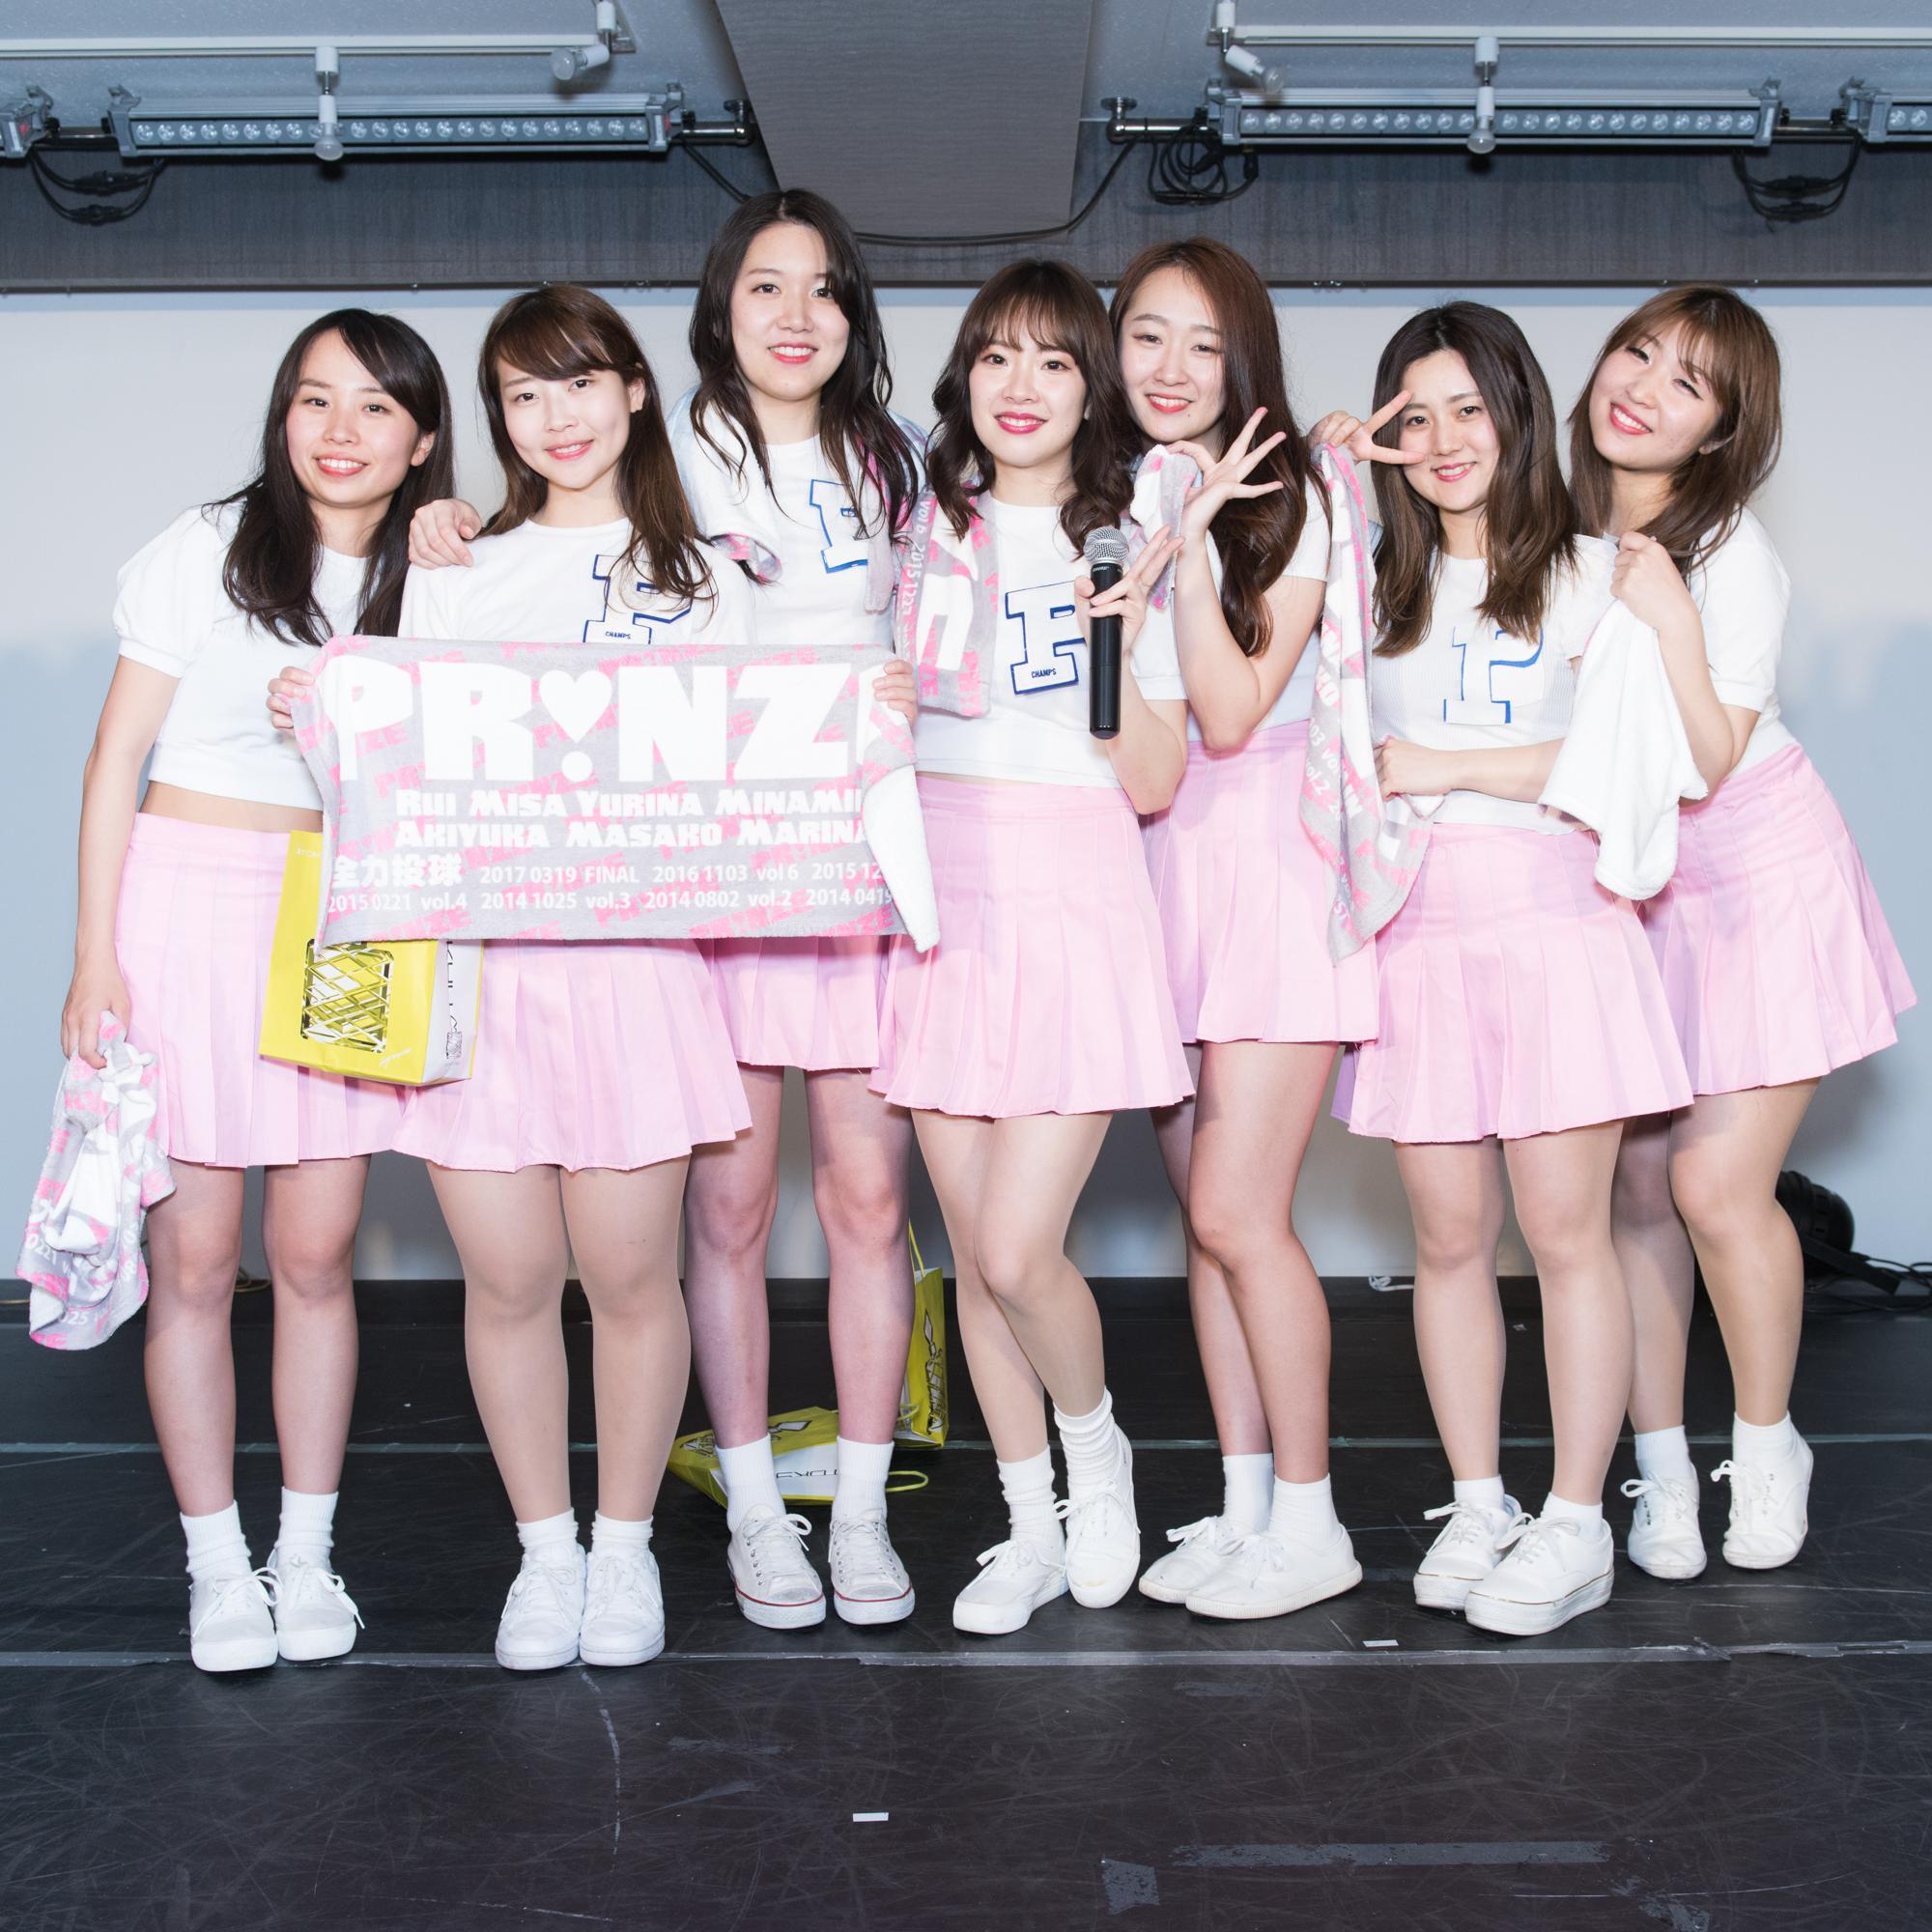 イベント終了後メンバーのグループ写真